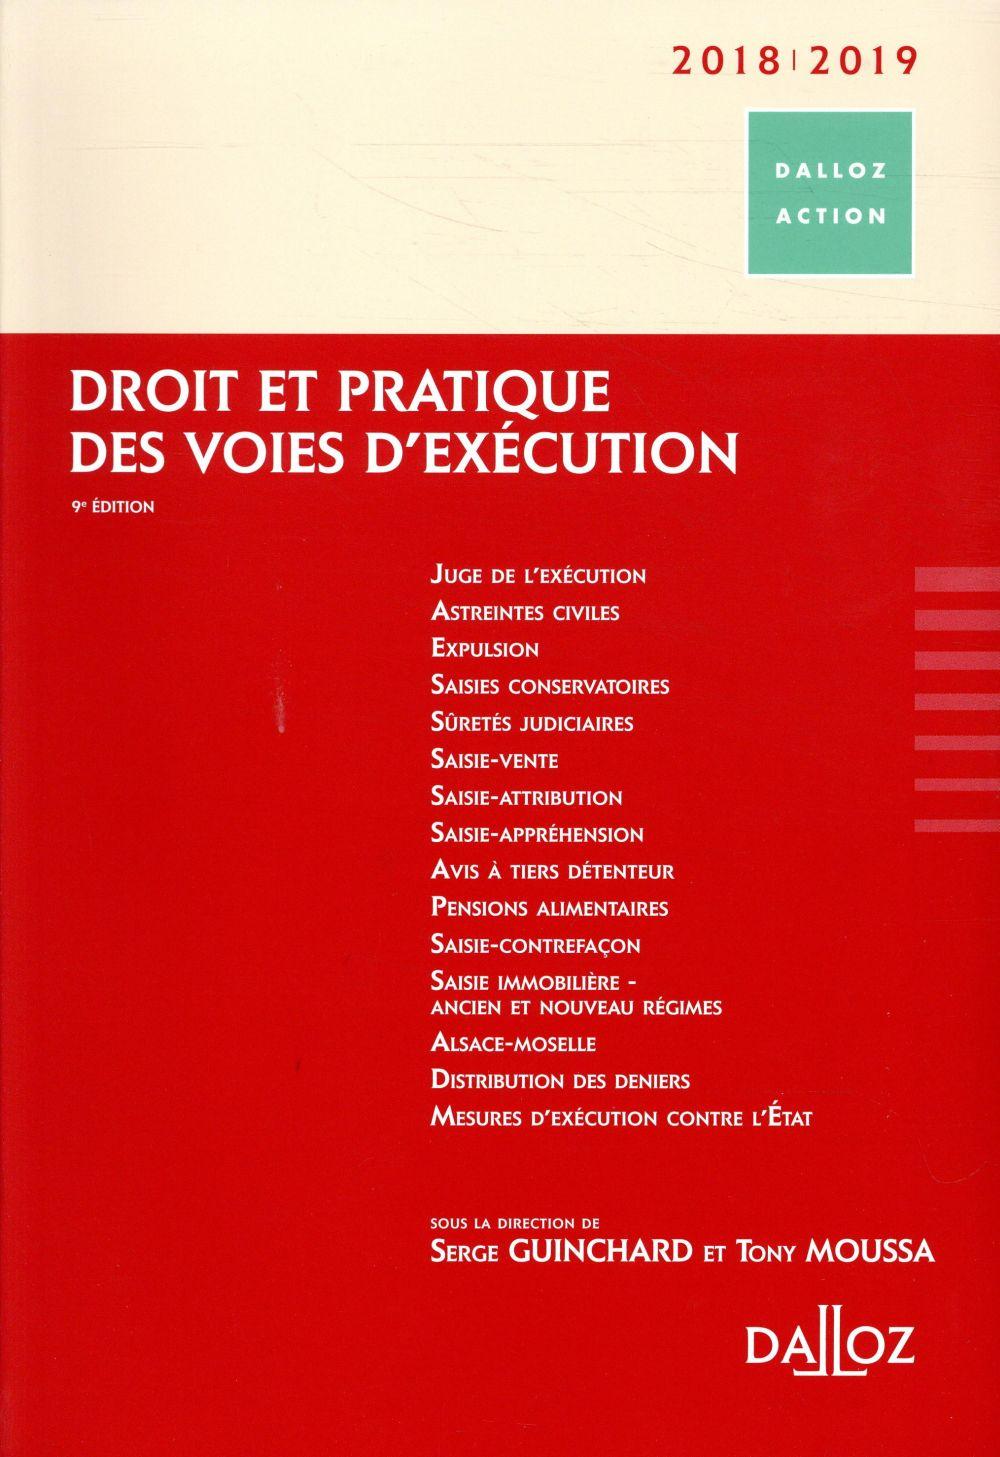 Droit et pratique des voies d'exécution (édition 2018/2019) (9e édition)